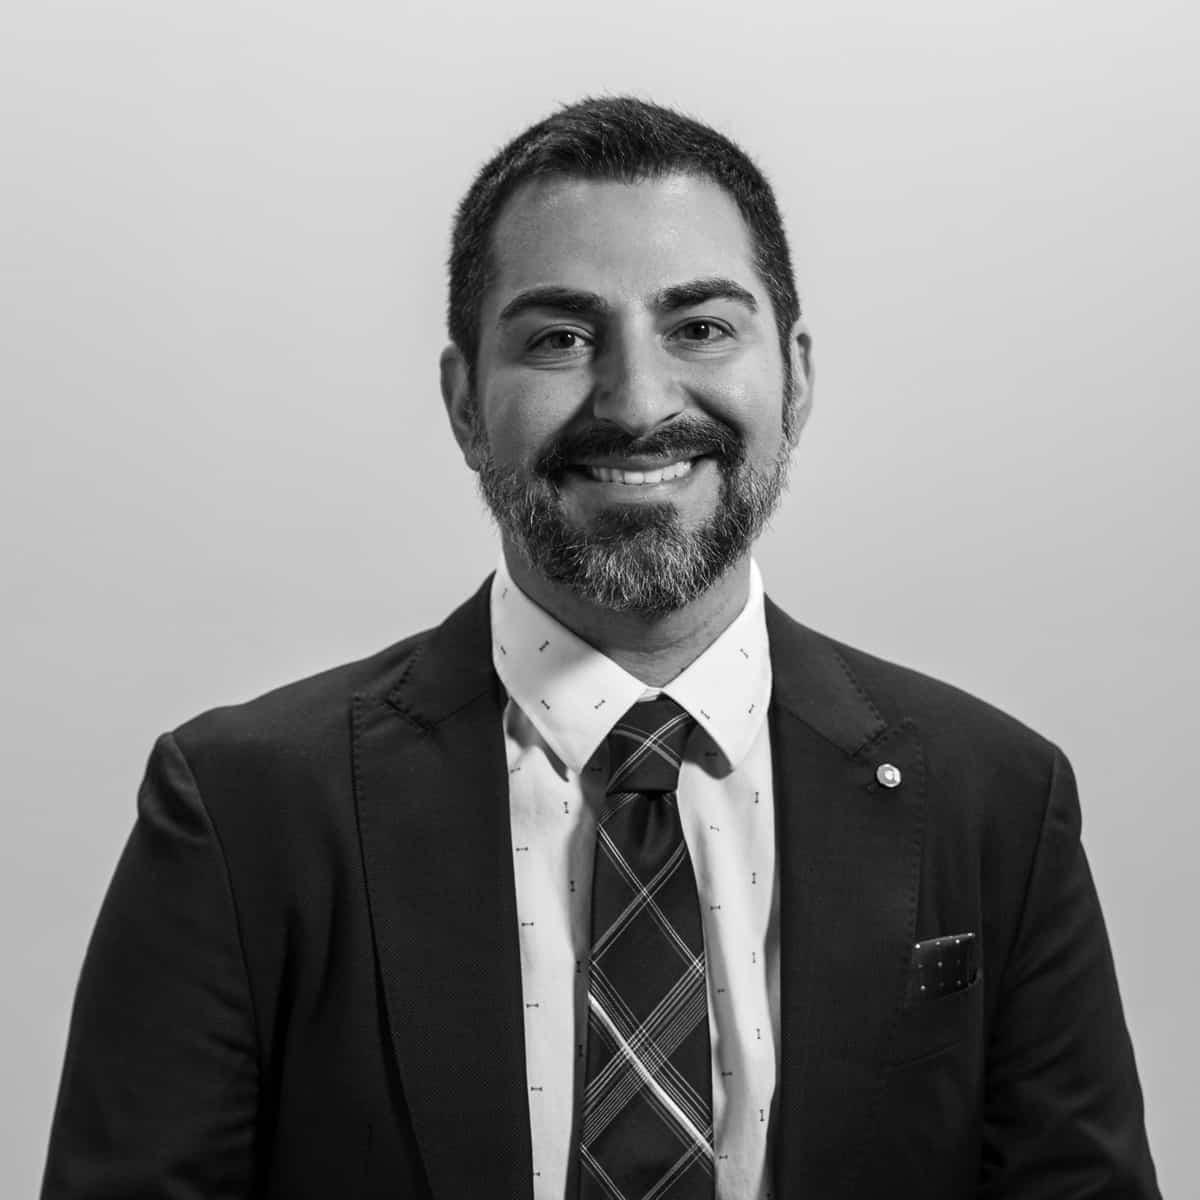 Vahid Farzaneh